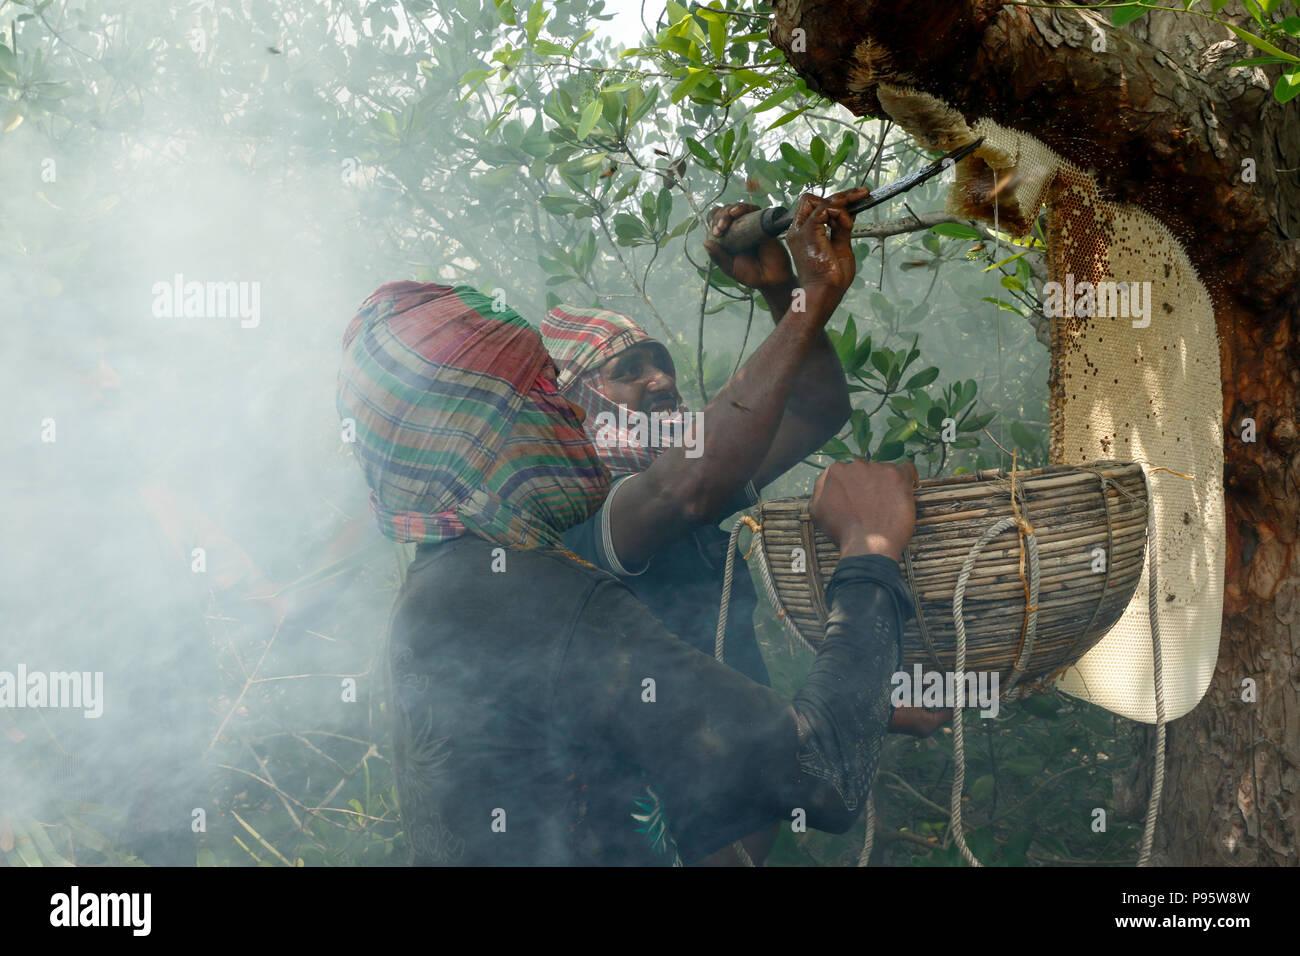 La tradizionale produzione di miele la raccolta in Sundarbans, il mondo la più grande foresta di mangrovie in Bangladesh. Satkhira, Bangladesh. Immagini Stock